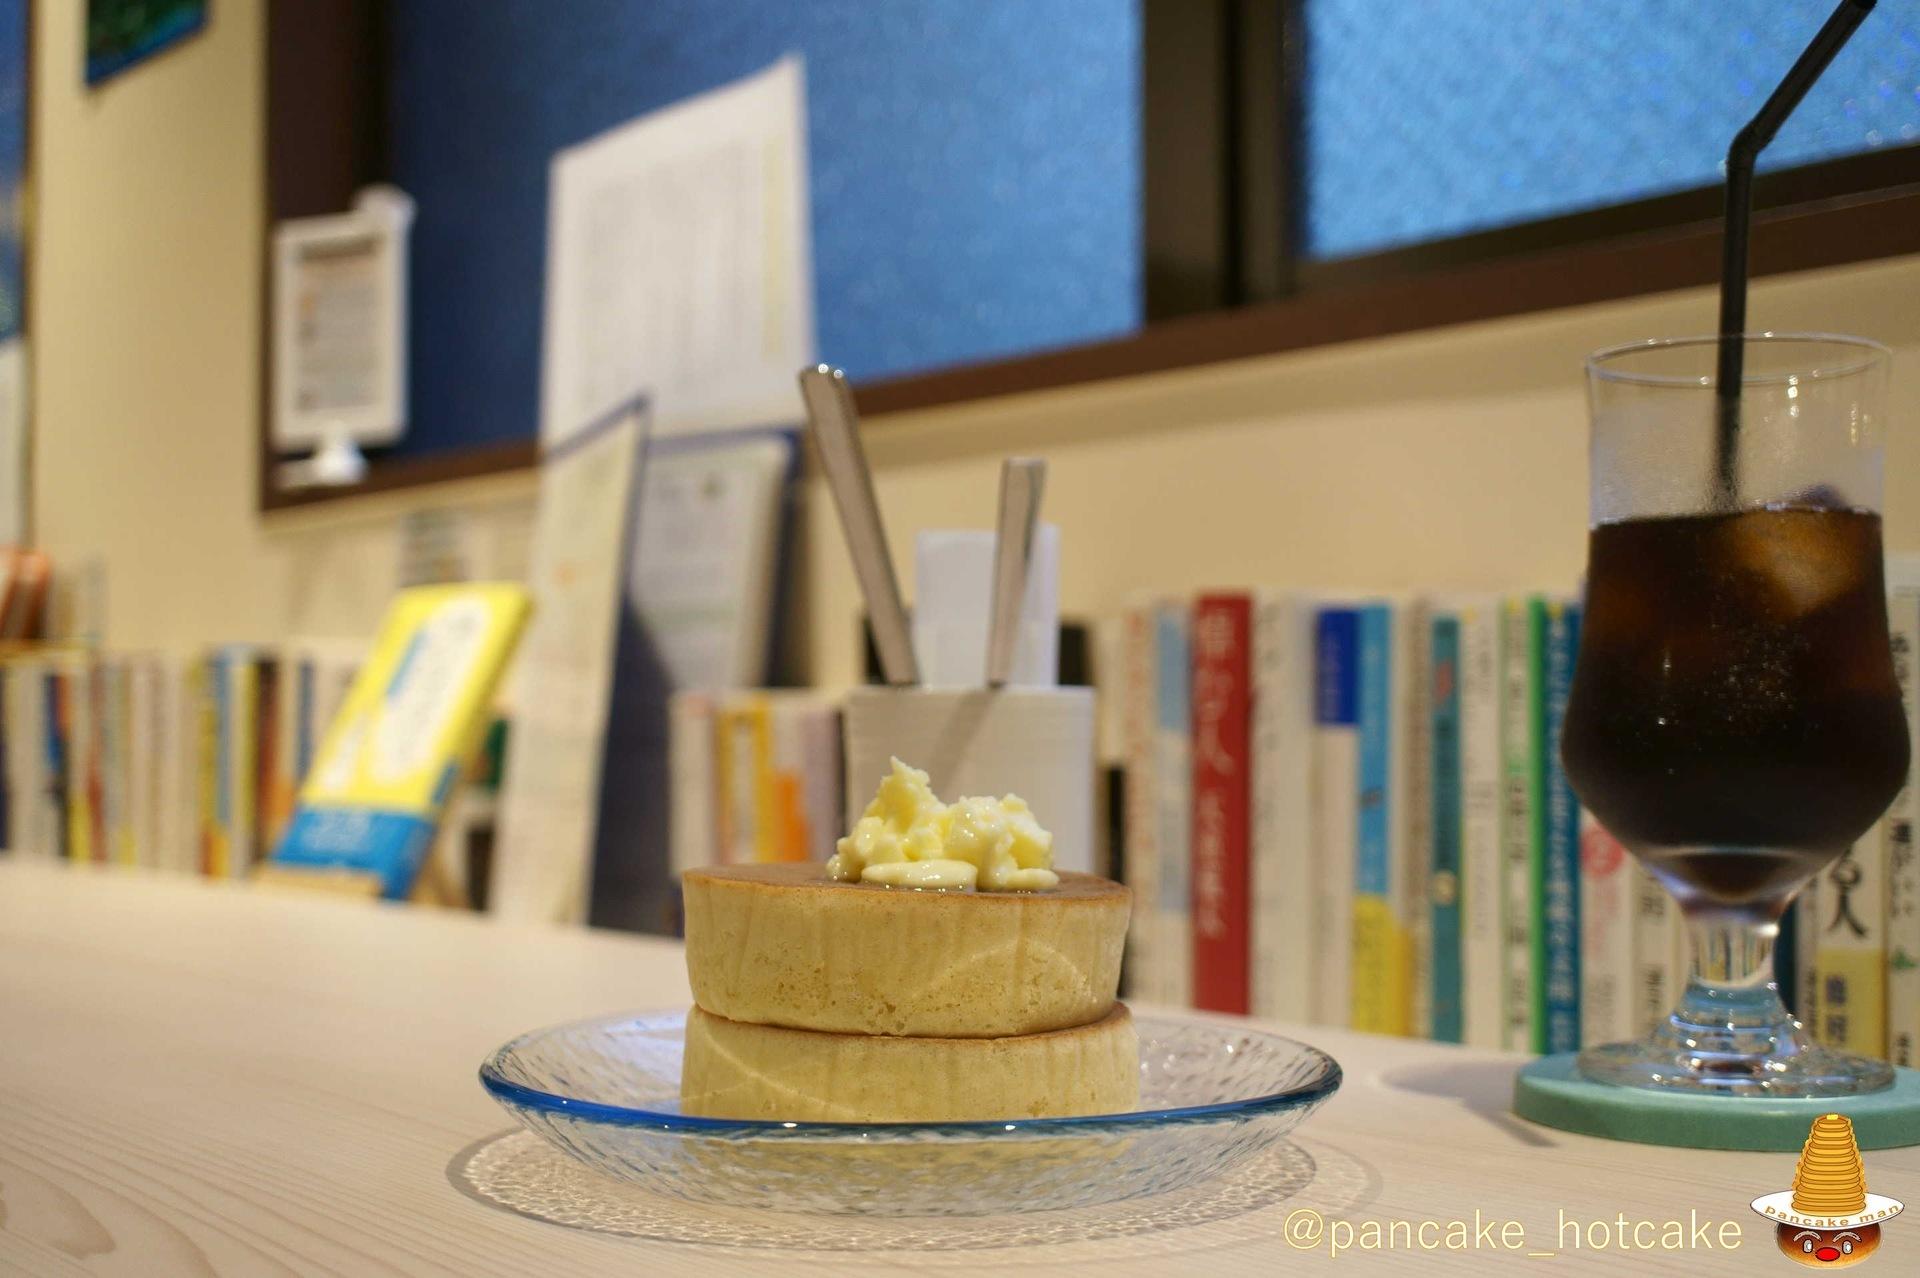 しっとりとした上品な味 ホットケーキ カフェひとやすみ(阪急伊丹)ペドラブランカのレシピ